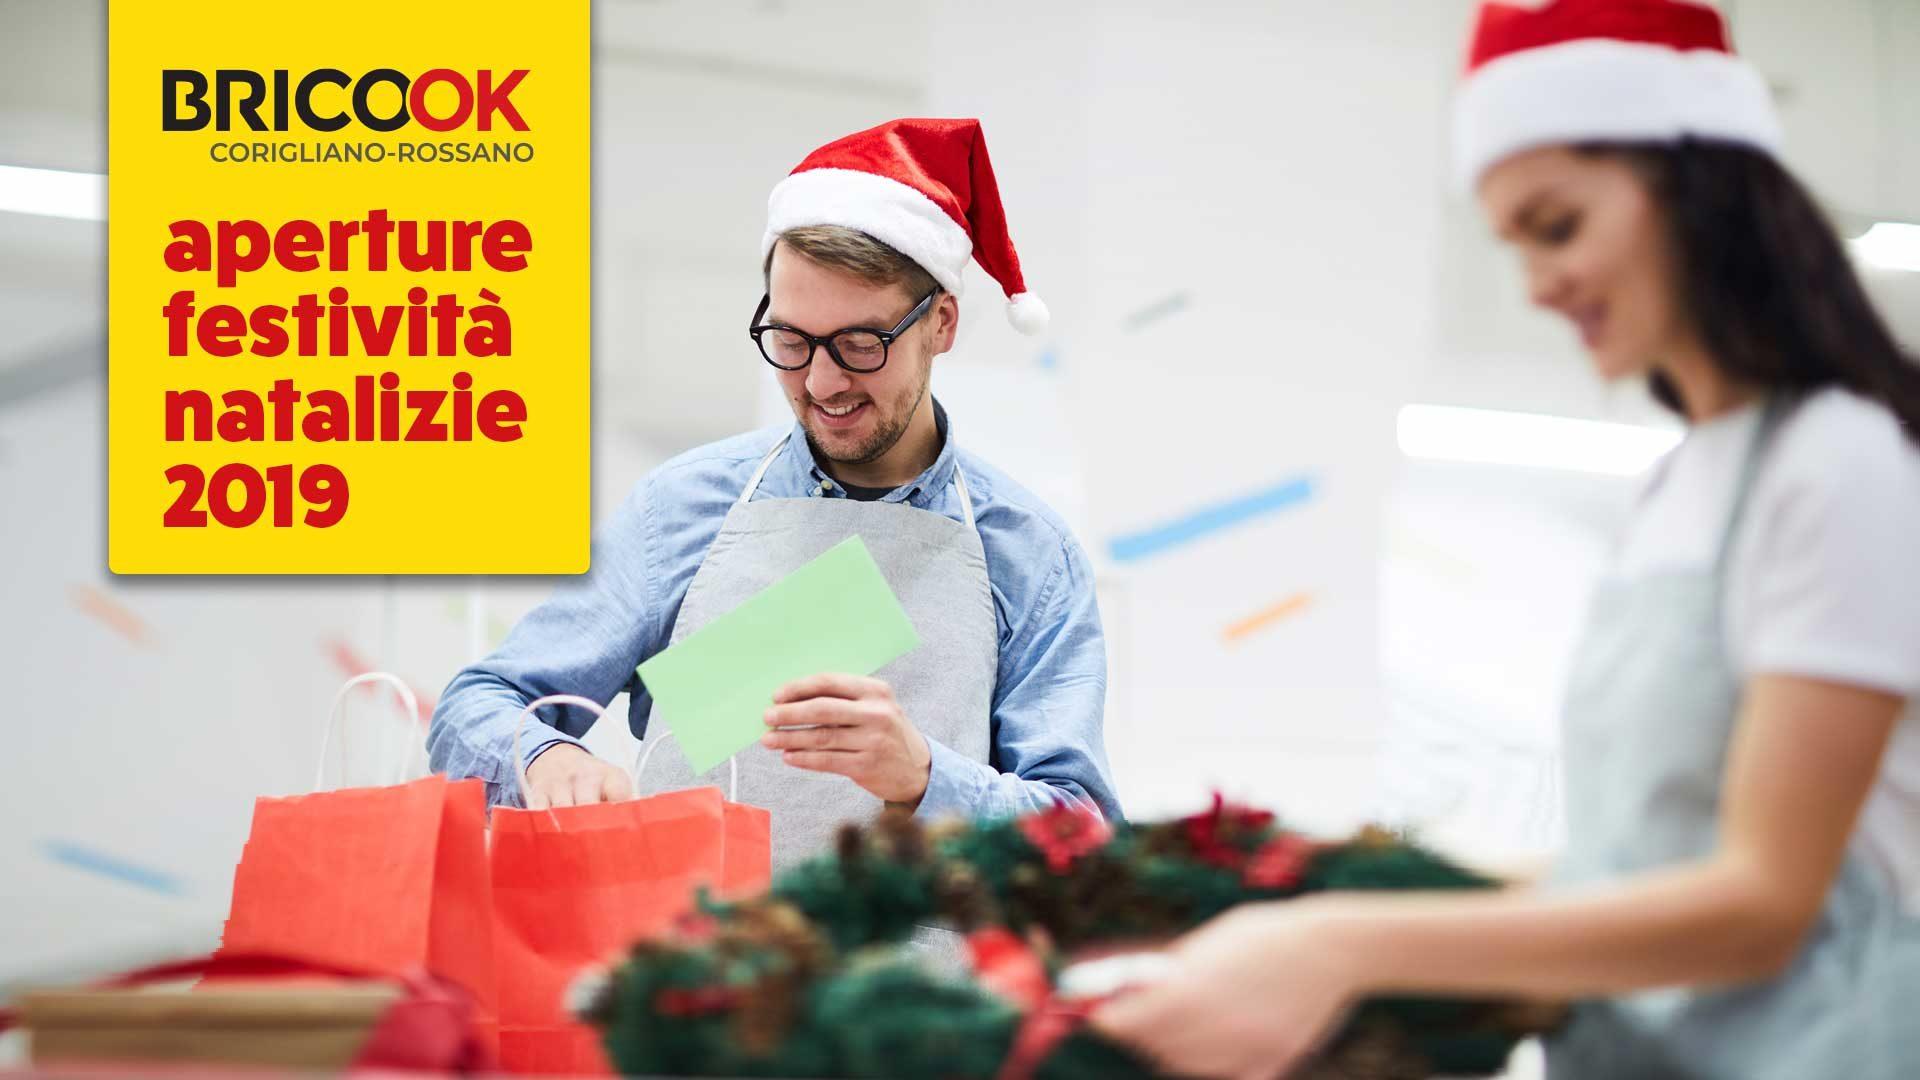 immagine in evidenza della pagina Aperture festività natalizie 2019